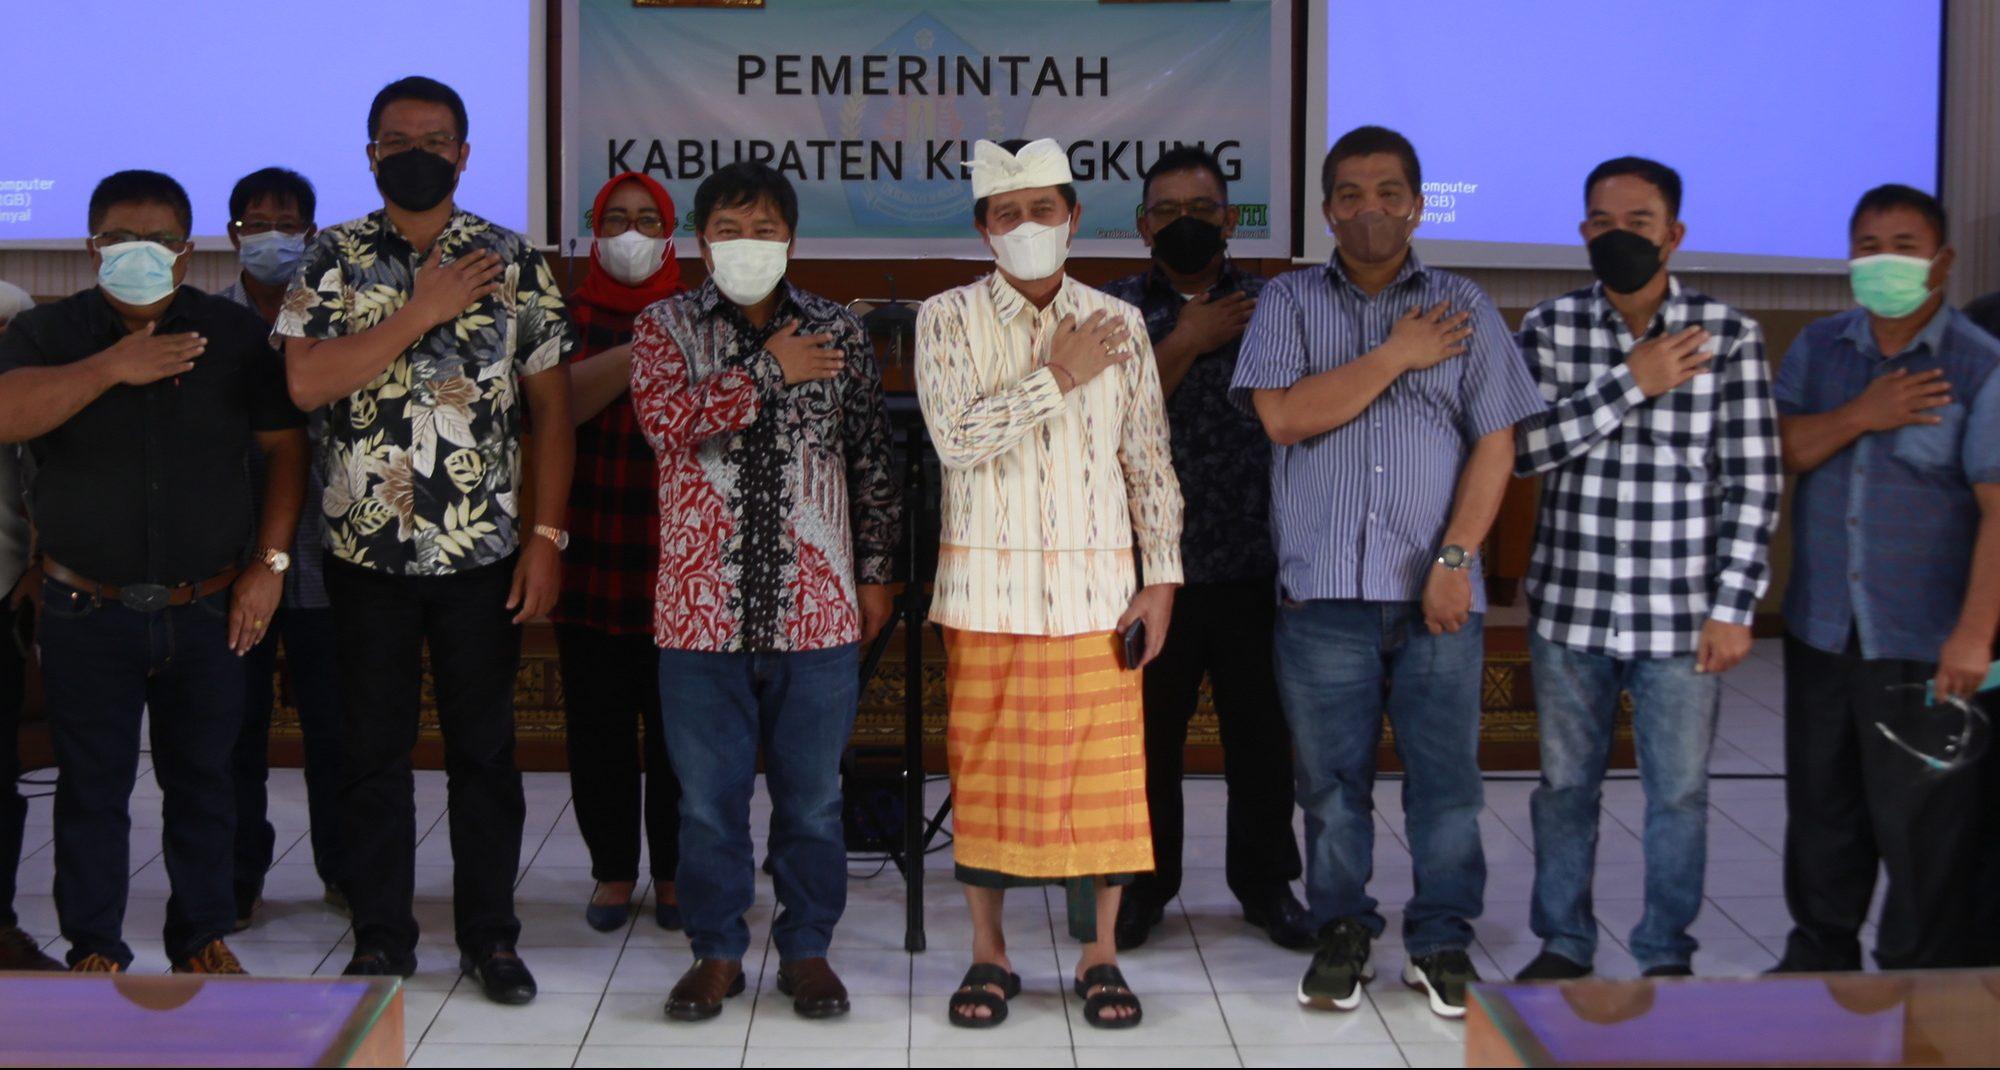 BUPATI Suwirta menerima kunjungan studi komparatif Bupati Kabupaten Minahasa Tenggara, Provinsi Sulawesi Utara, James Sumendap; di ruang rapat Praja Mandala kantor Bupati Klungkung, Kamis (24/6/2021). Foto: ist